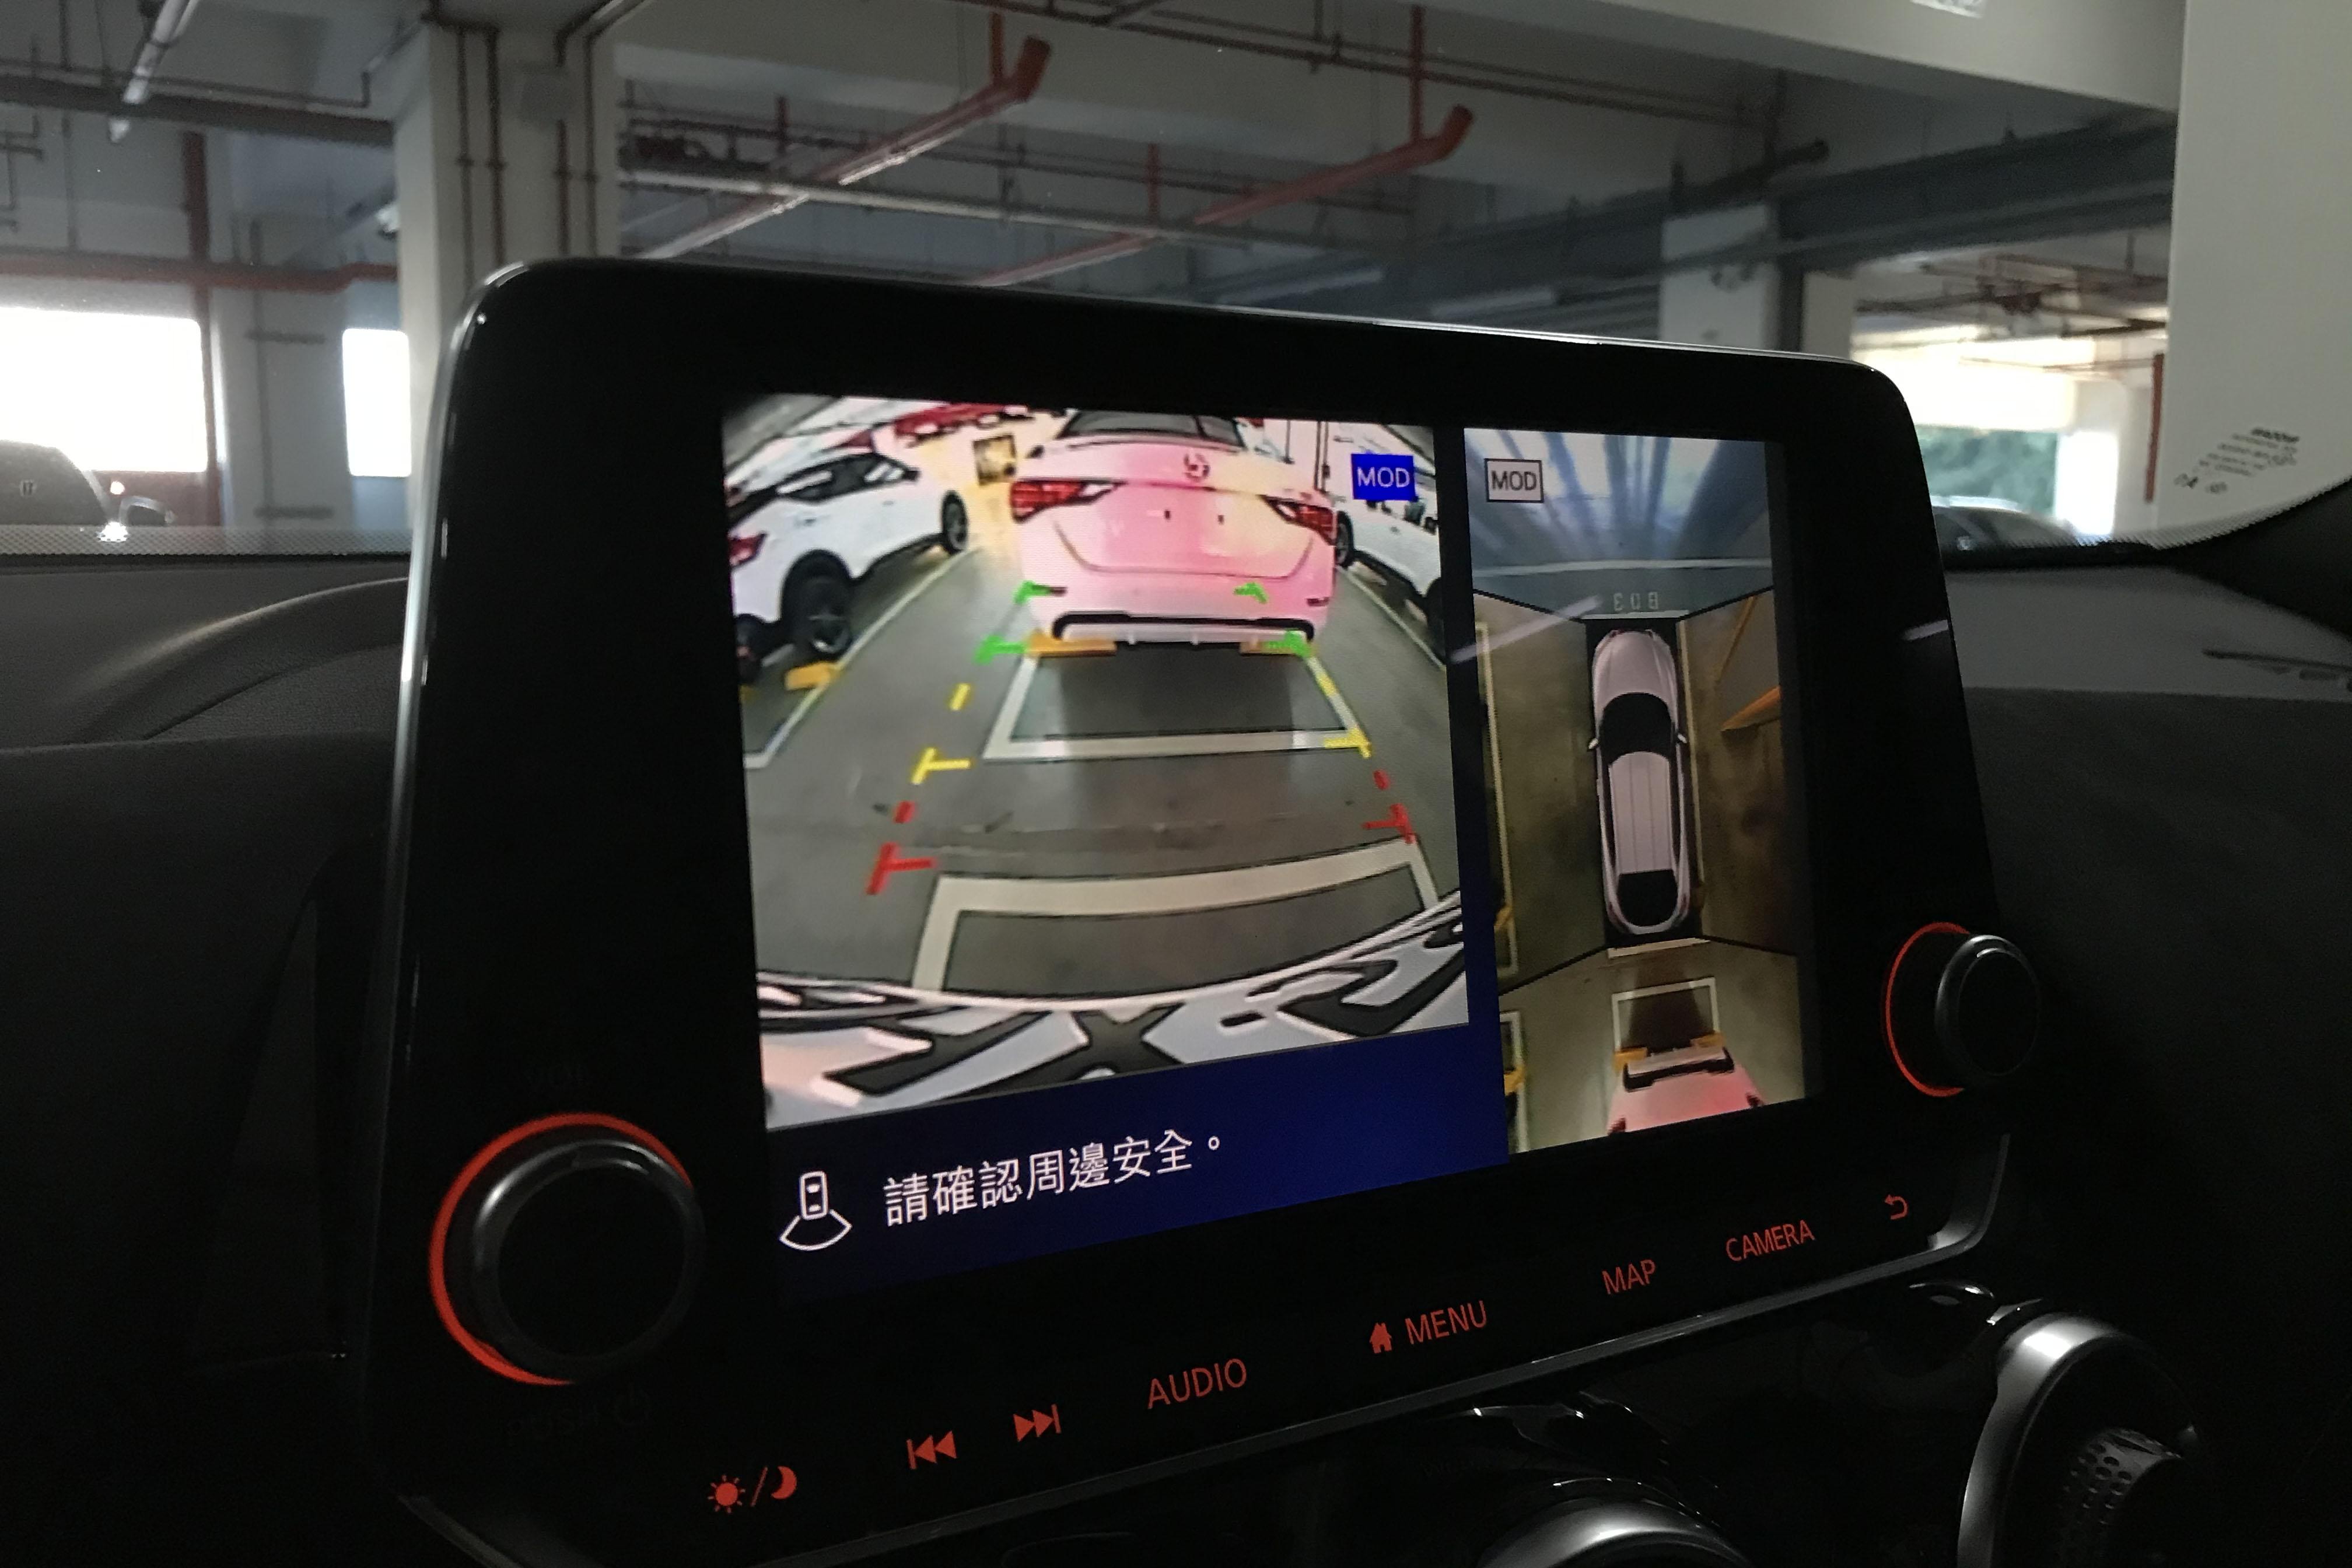 中階和頂規版本也擁有畫質還可接受的環景影像監控系統。